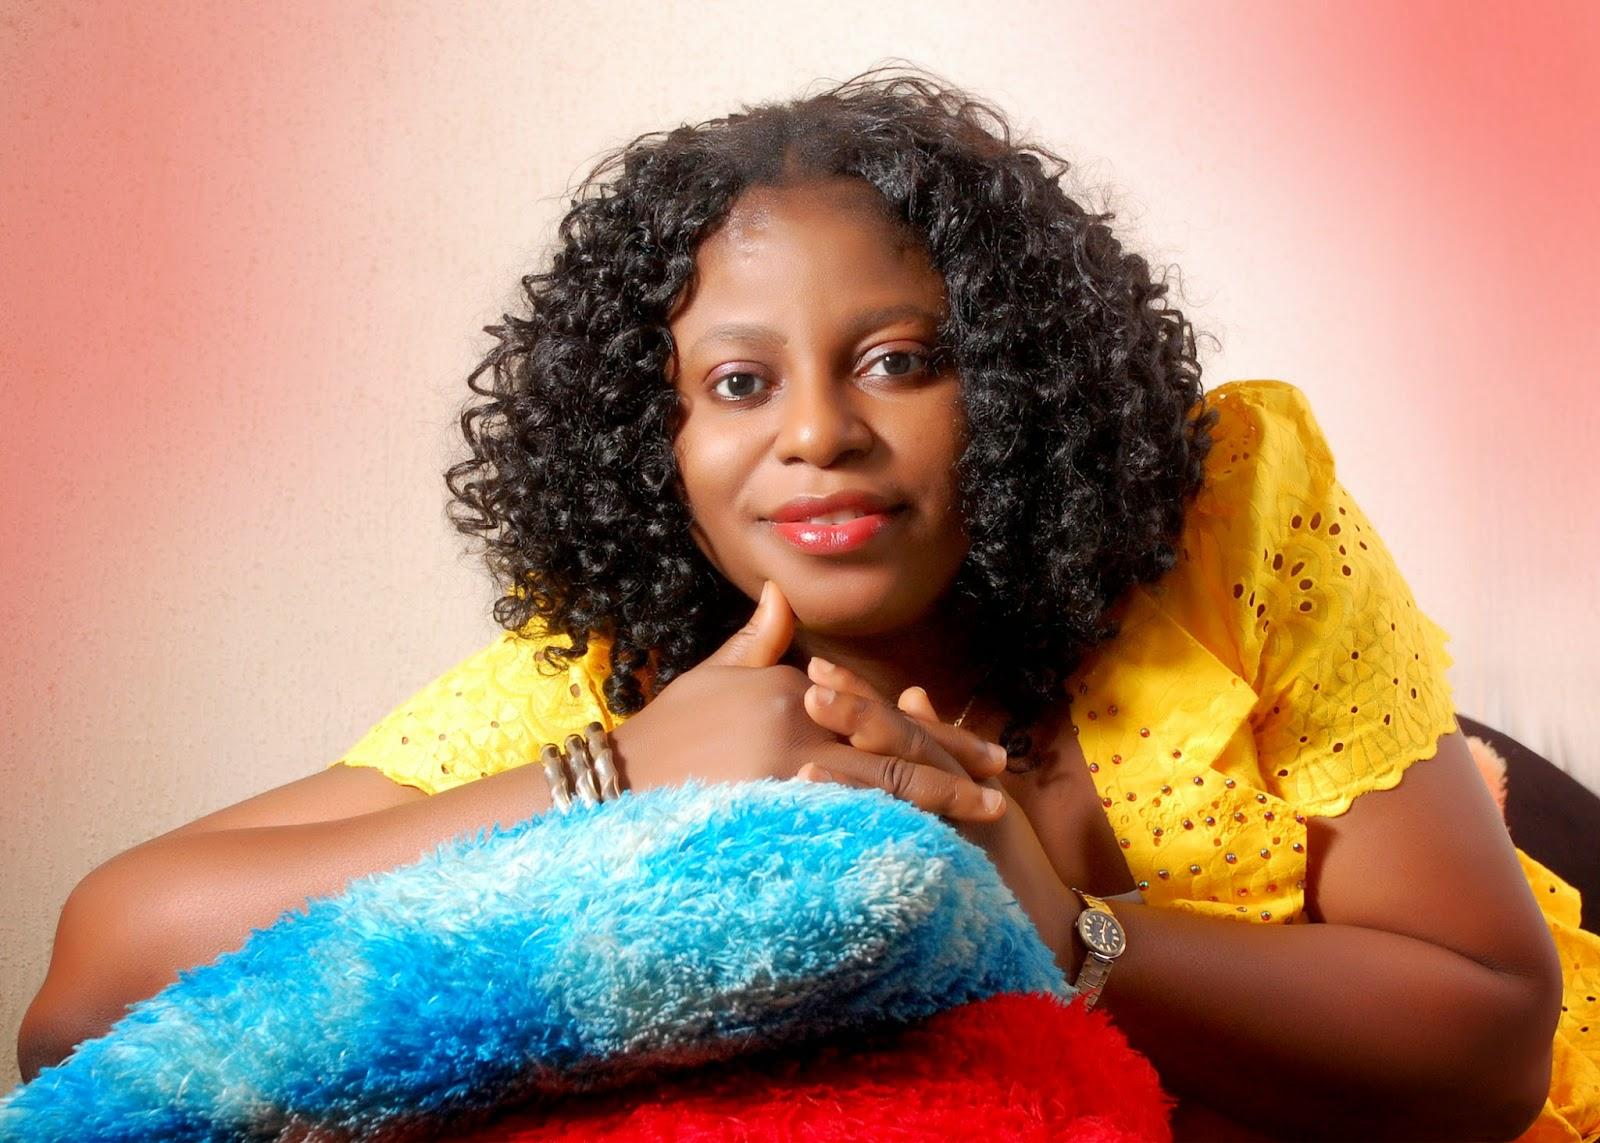 gladys igbekele